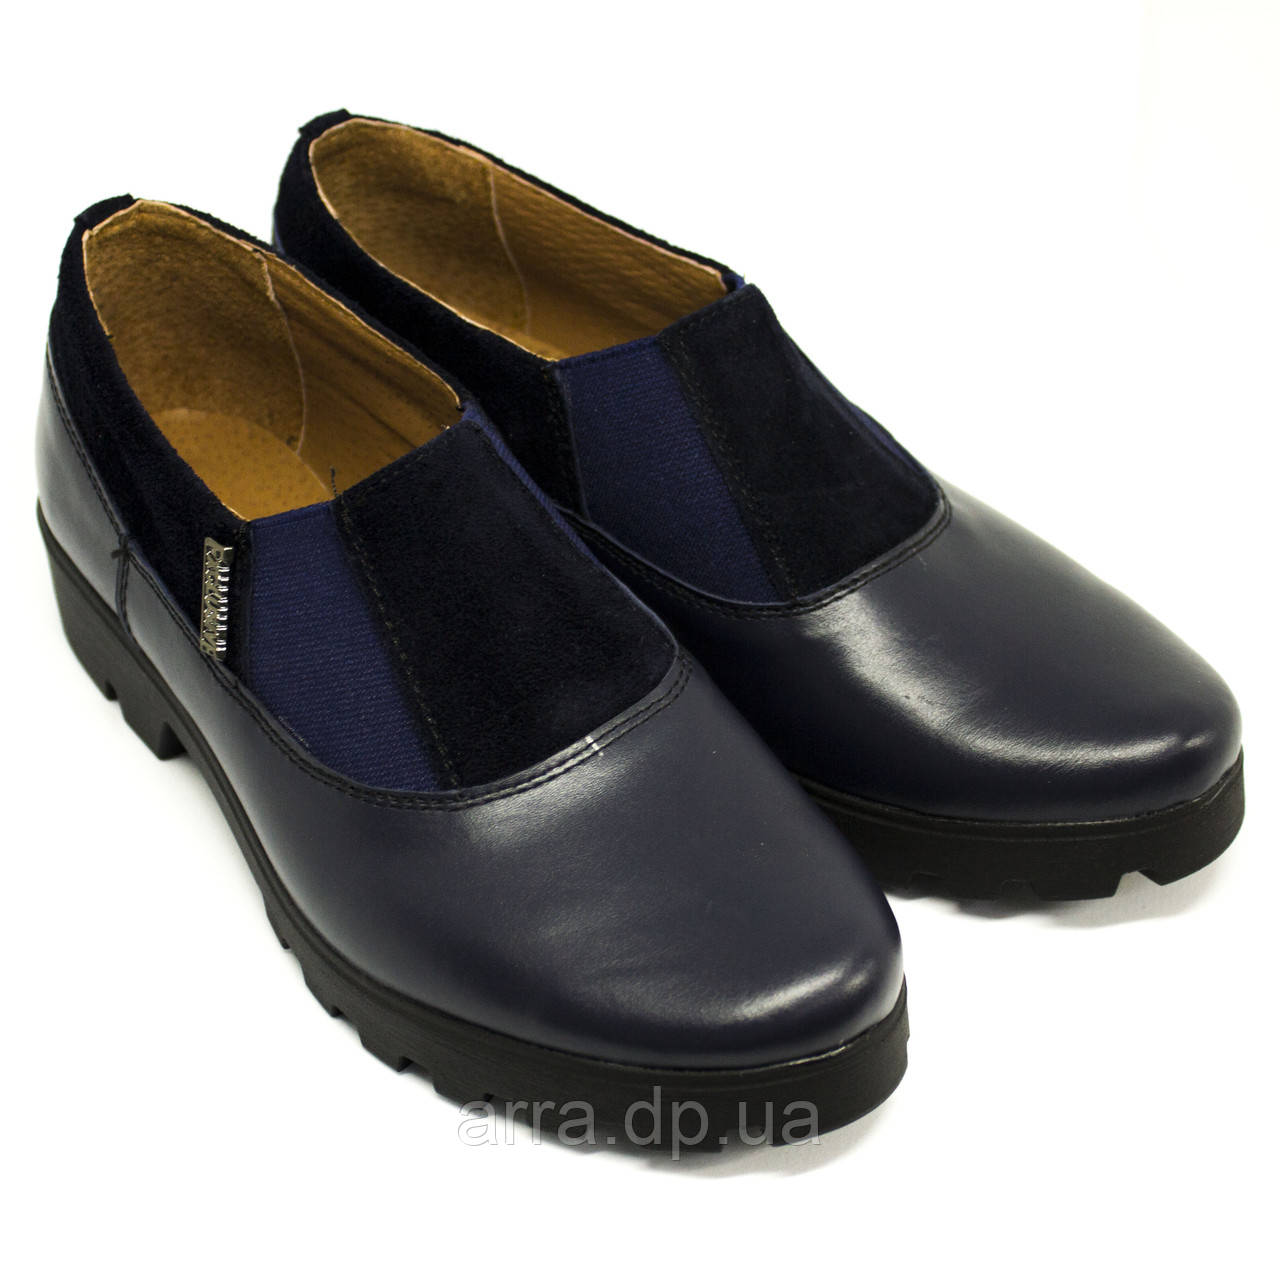 Туфли женские синие кожаные с замшевыми вставками